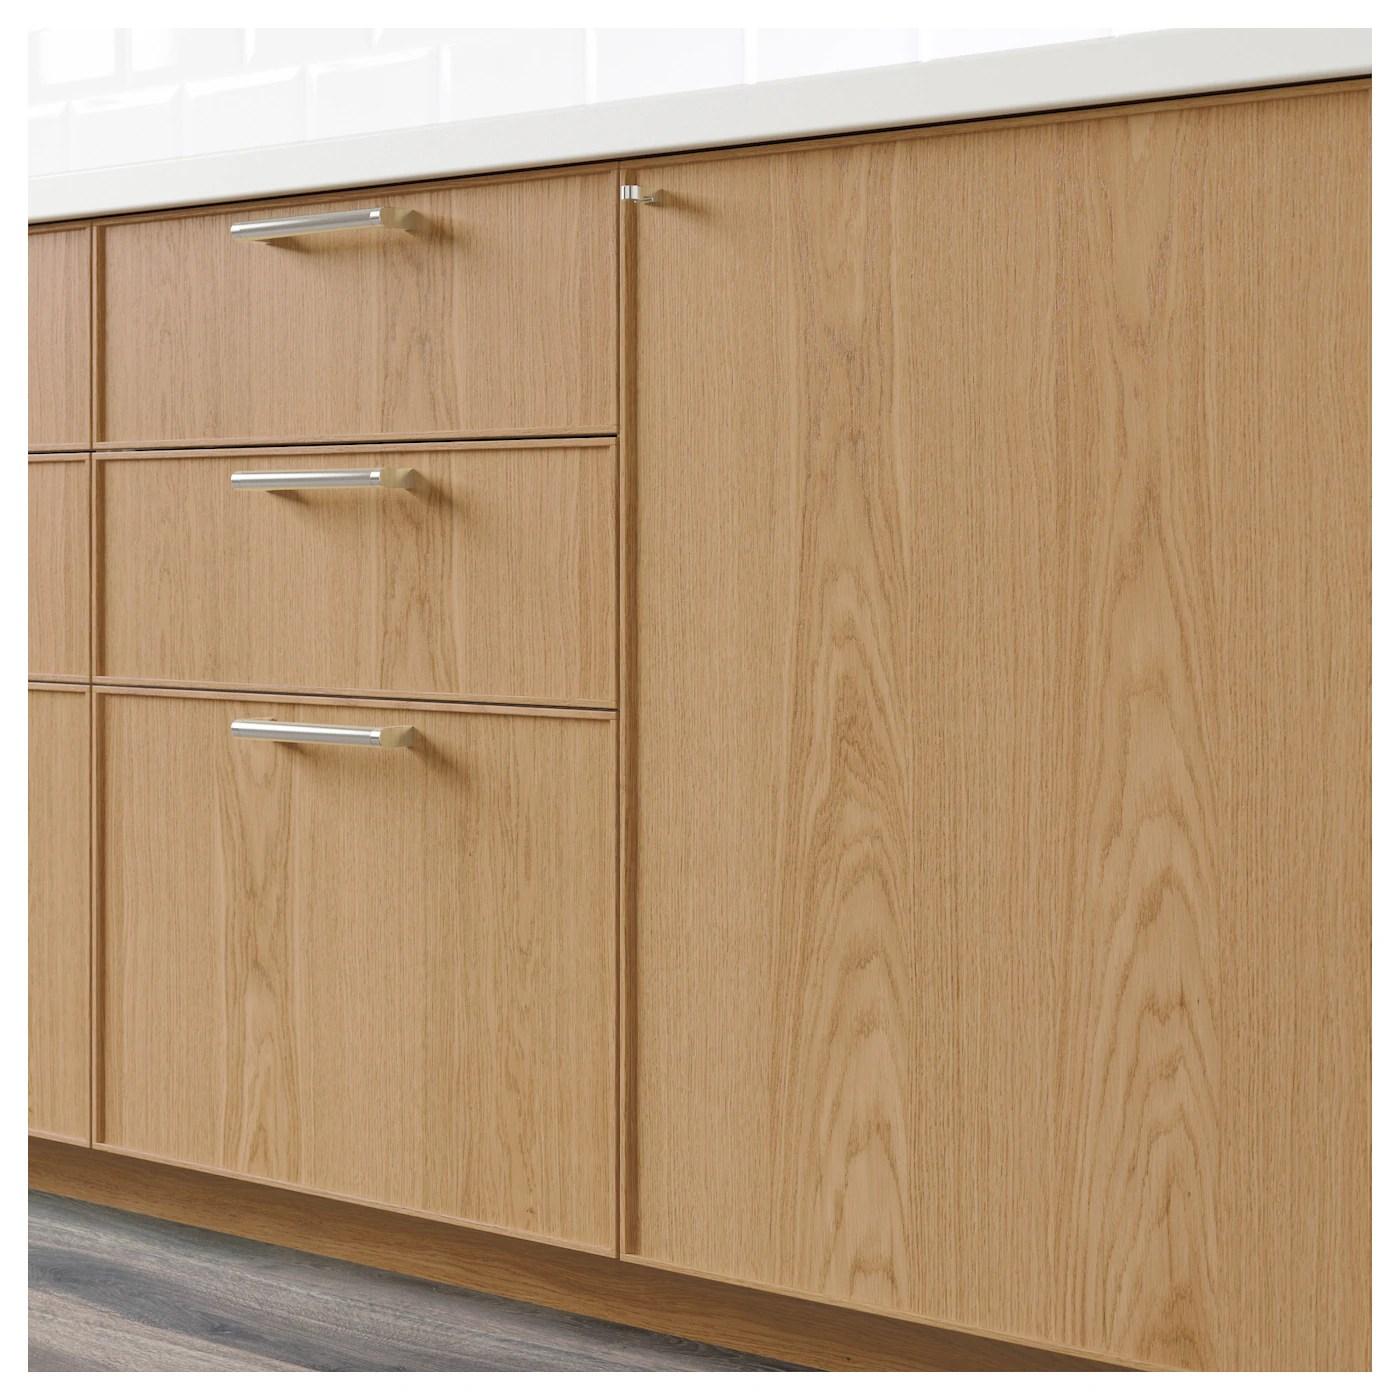 EKESTAD Door Oak 60 X 80 Cm IKEA